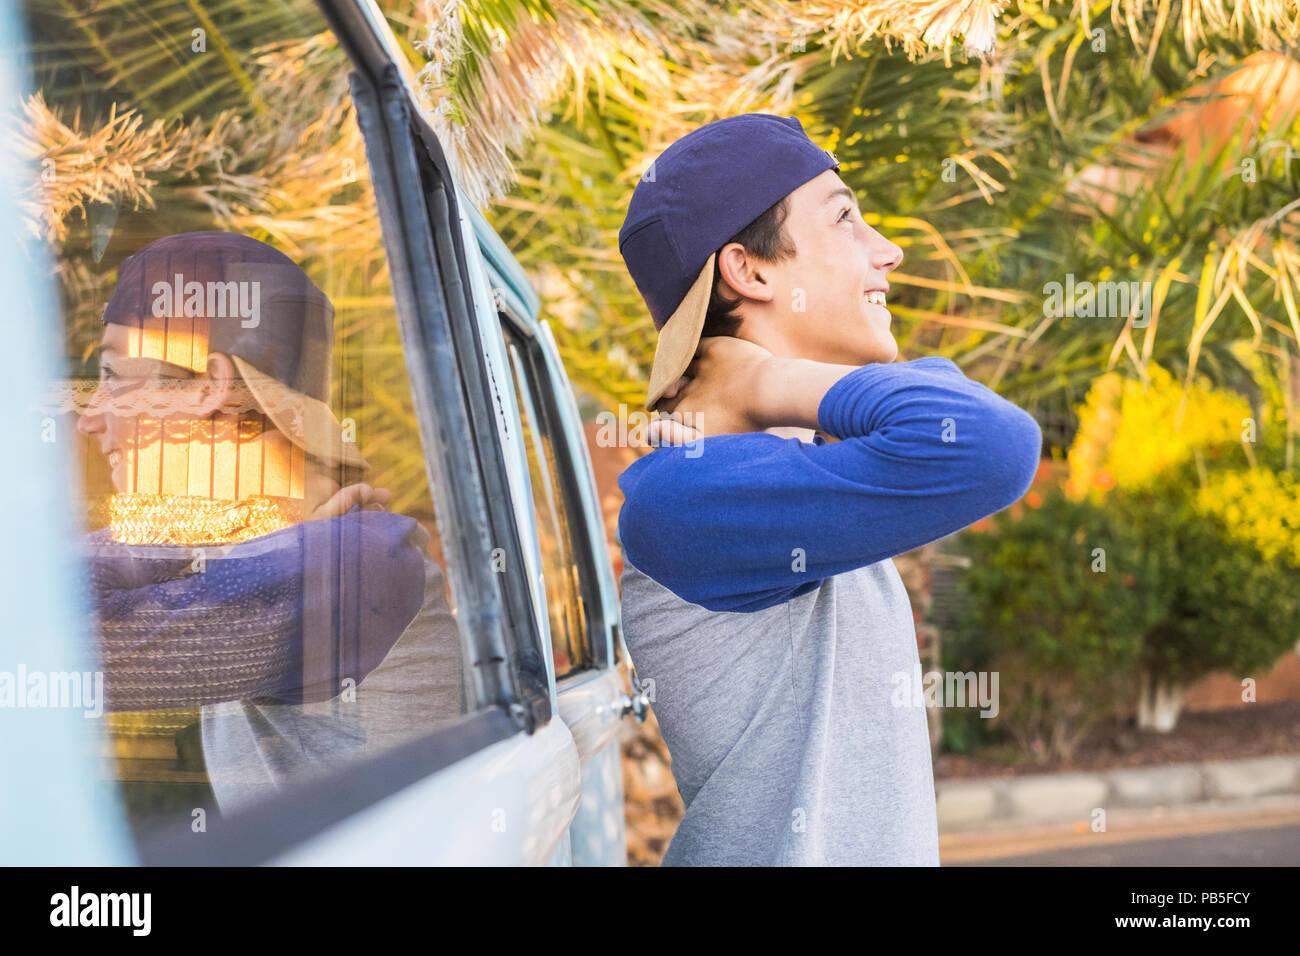 Hermoso varón adolescente en vestimenta informal en las actividades de ocio al aire libre sonriente y disfrutando del clima tropical. reflejado en un vehículo furgón vintage Imagen De Stock